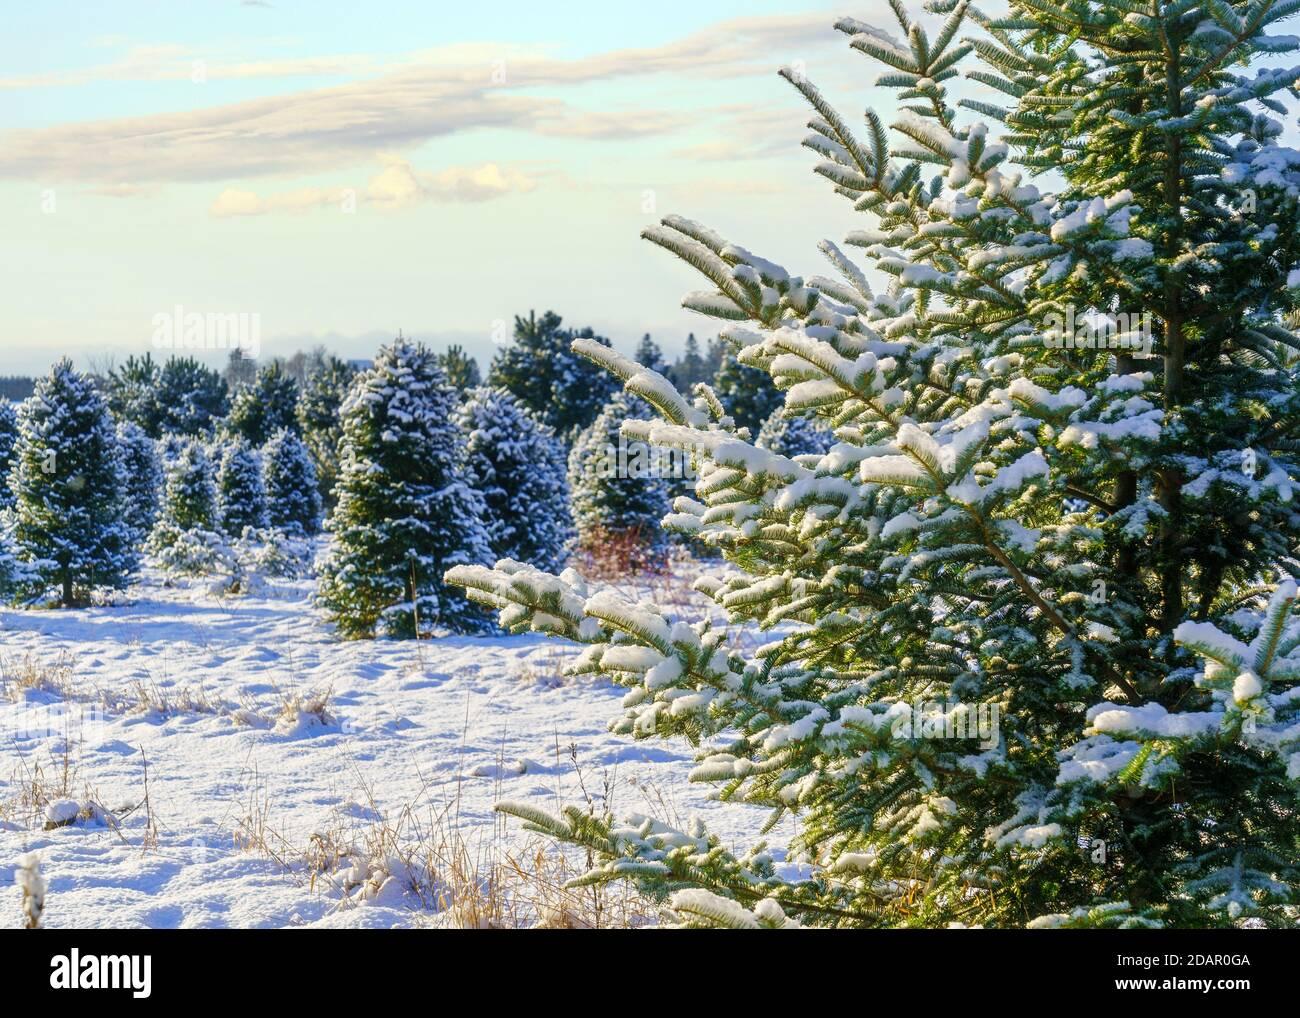 Abeto Balsam en una granja de árboles de Navidad cubierta de una manta de nieve. Foto de stock